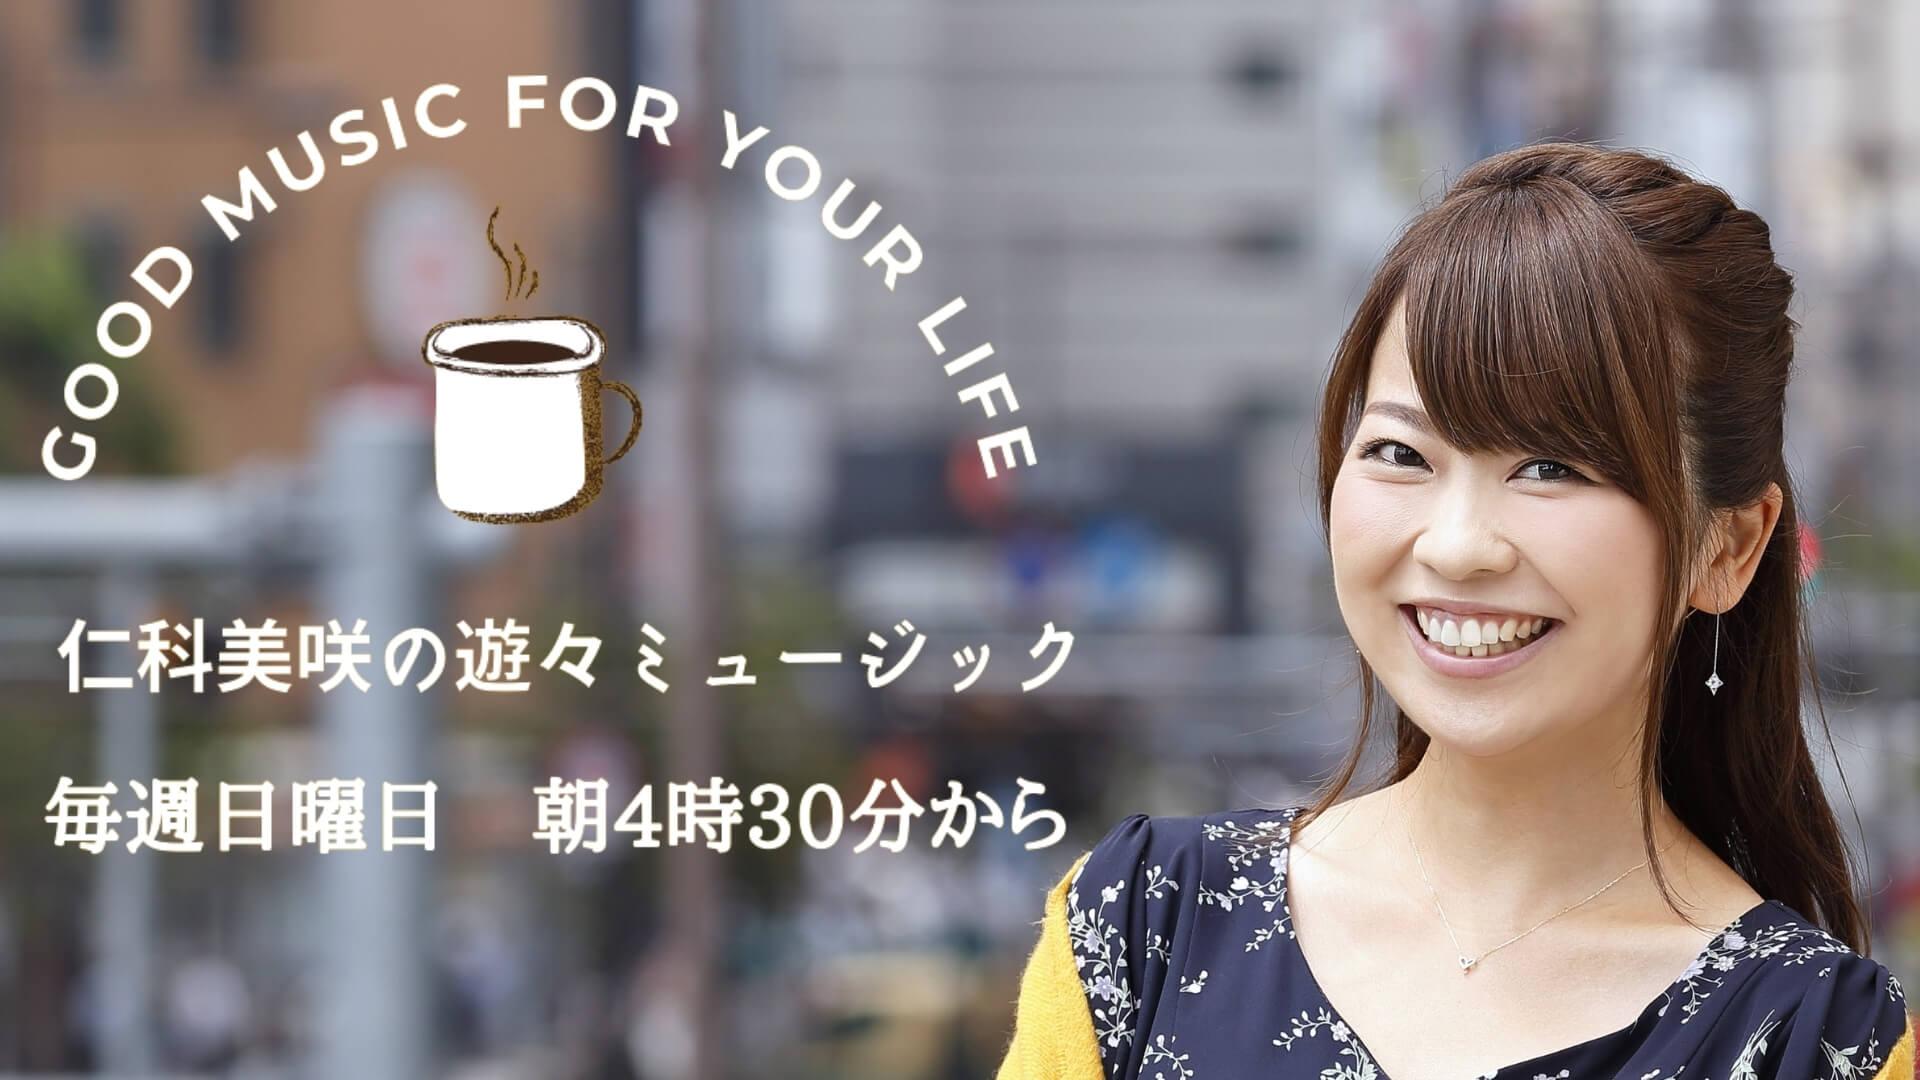 「仁科美咲の遊々ミュージック」5月9日(日)のゲストは西方裕之さん